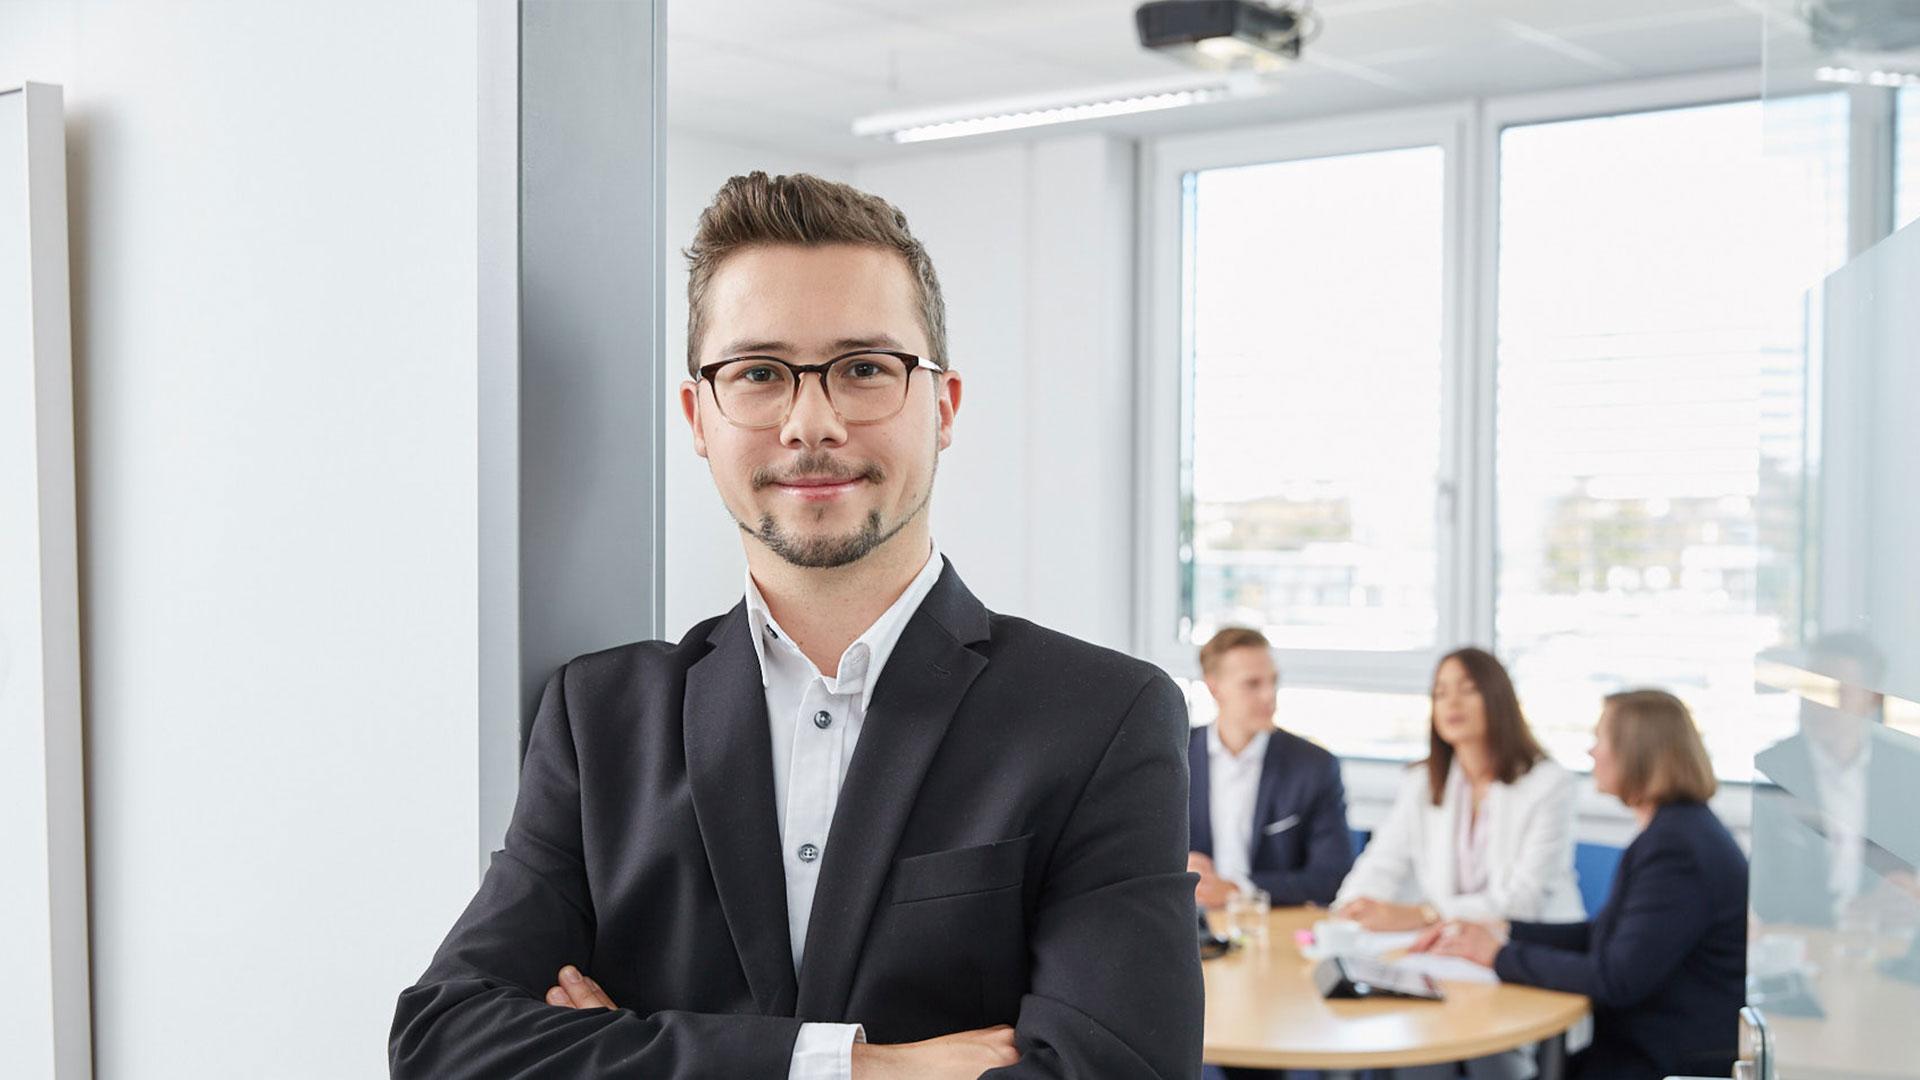 Employee SUXXEED smiling